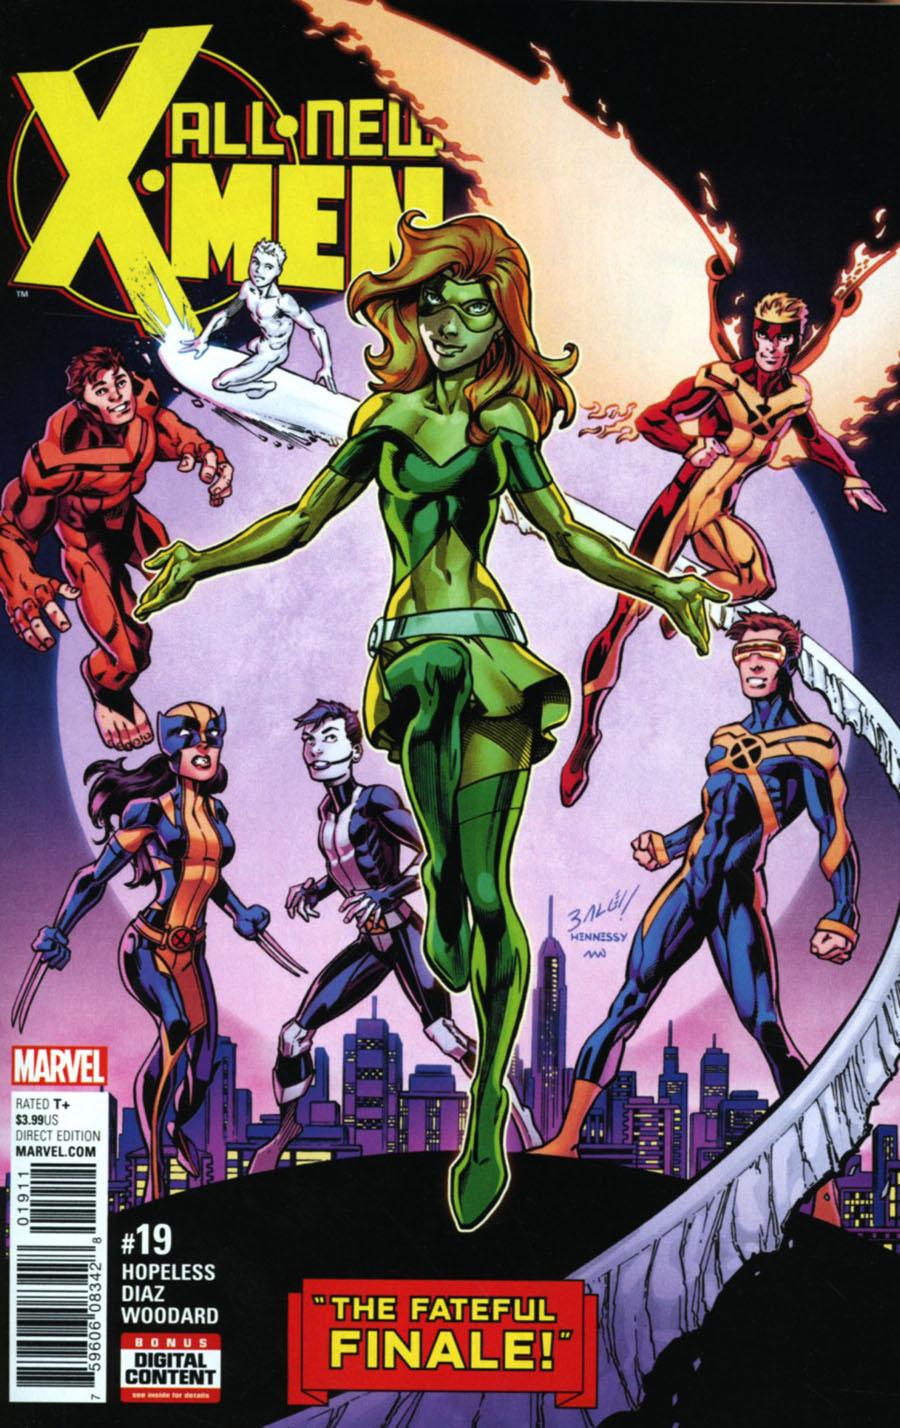 All-New X-Men Vol 2 #19